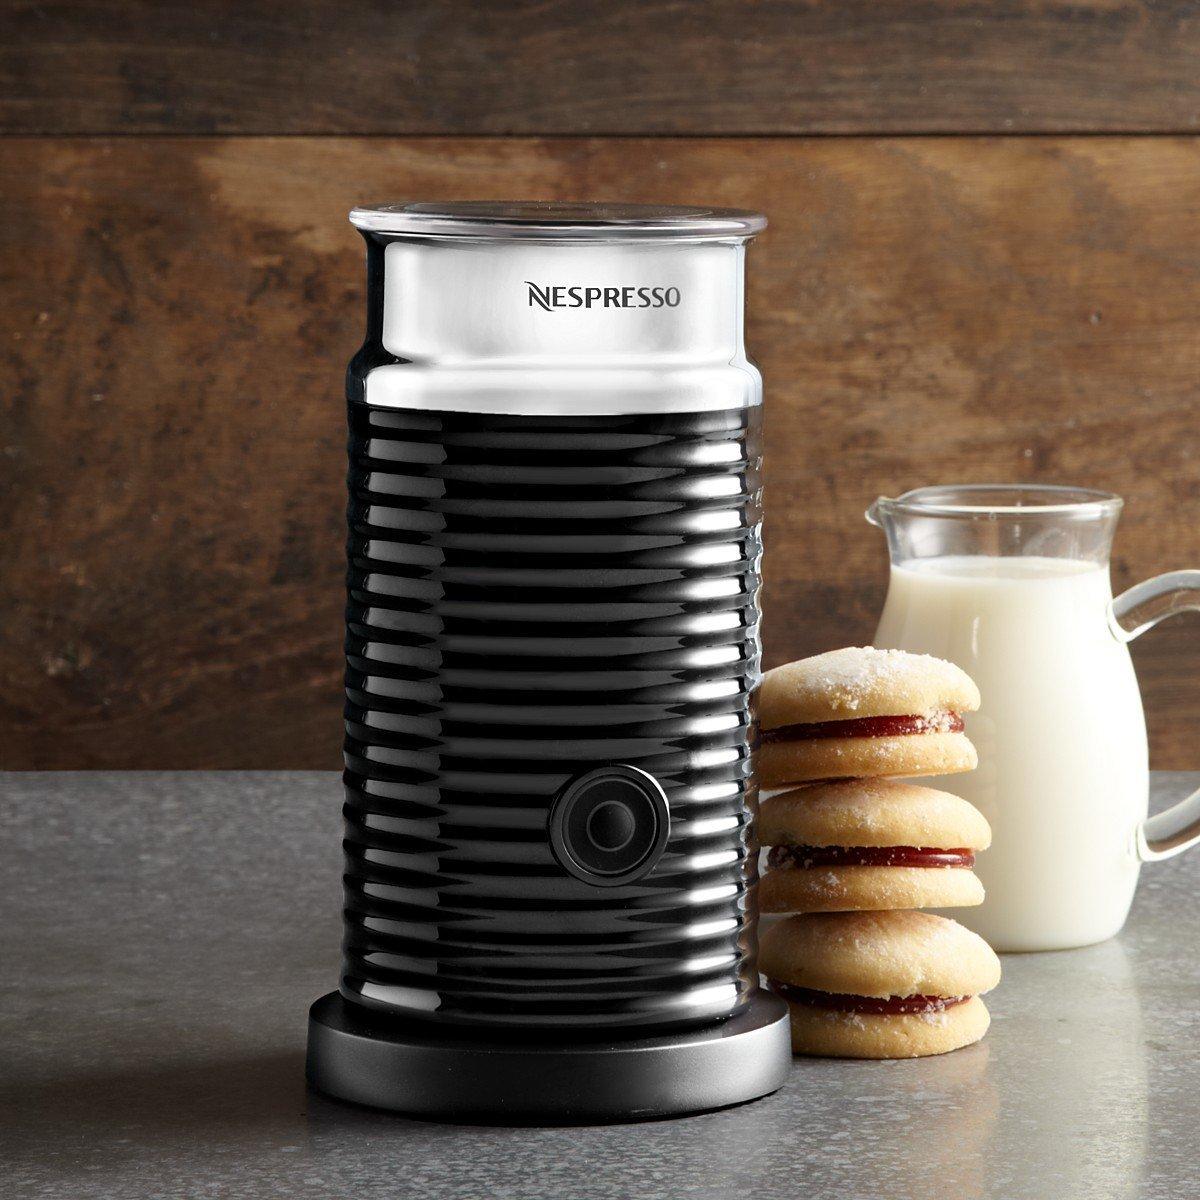 Aeroccino-3 Nespresso Maschinen